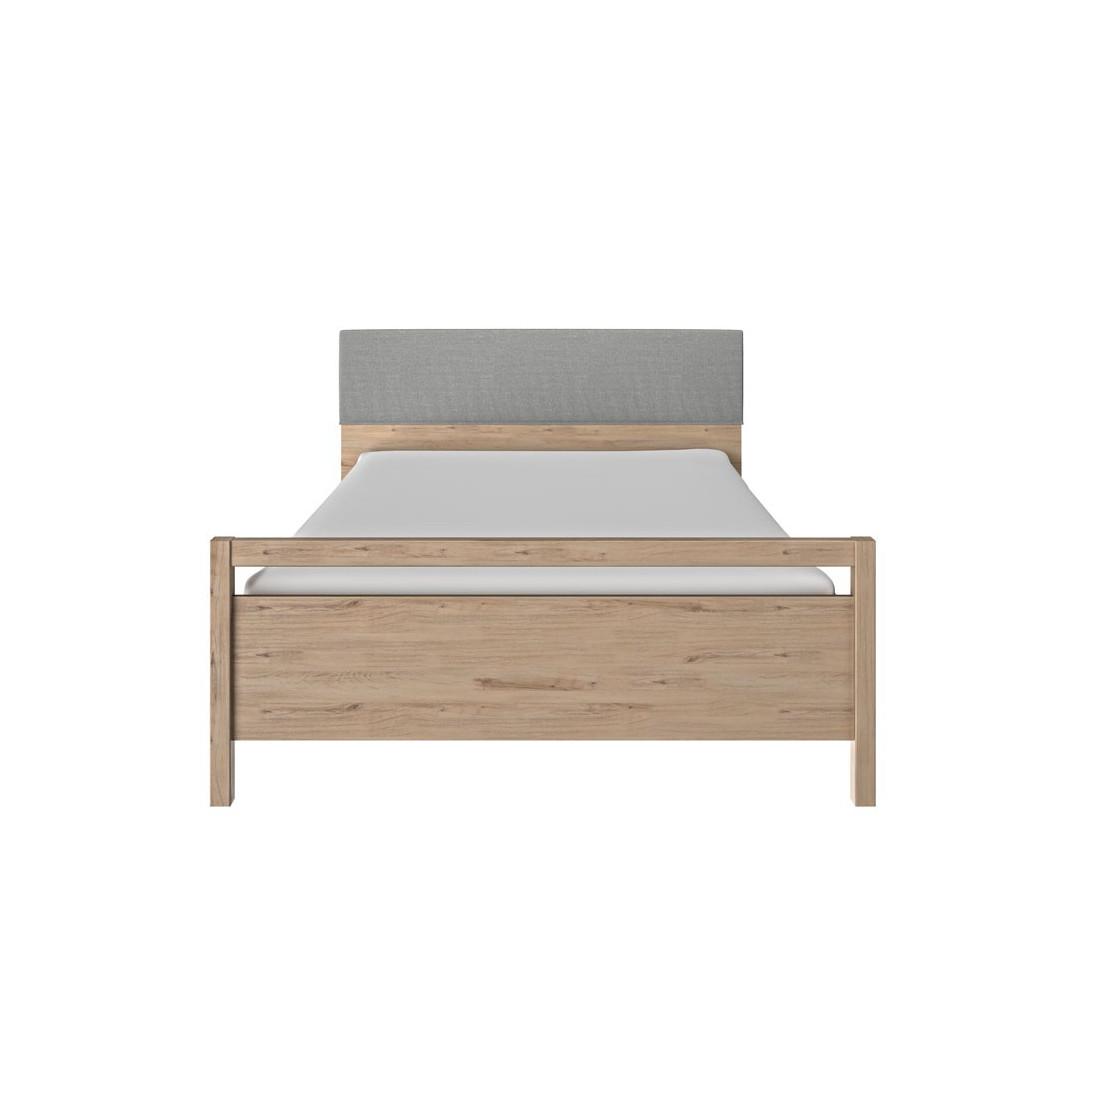 Cadre t te de lit 120 200 cm ch ne clair tily univers de la chambre - Tete de lit chene blanchi ...